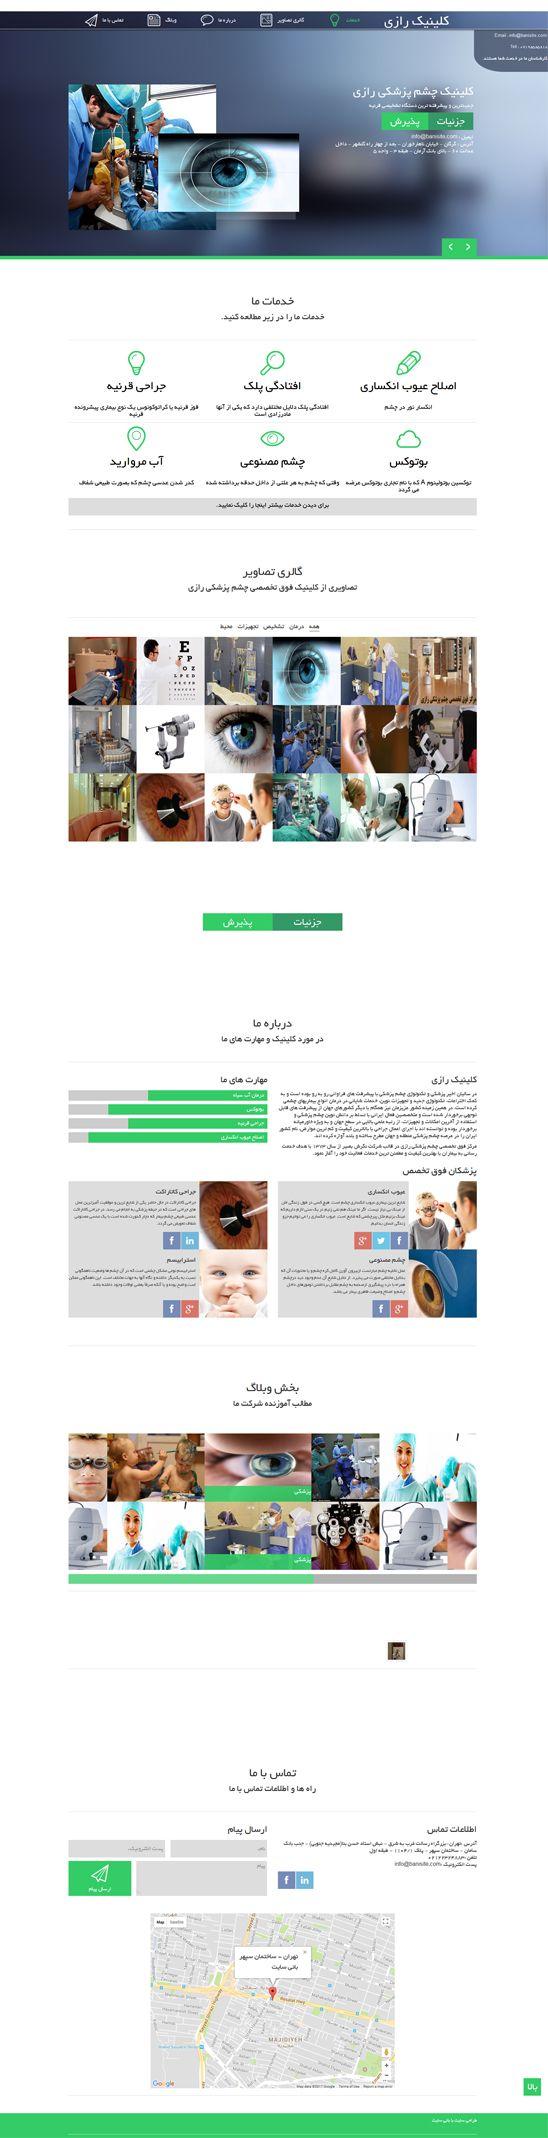 طراحی سایت پزشکی کلینیک رازی